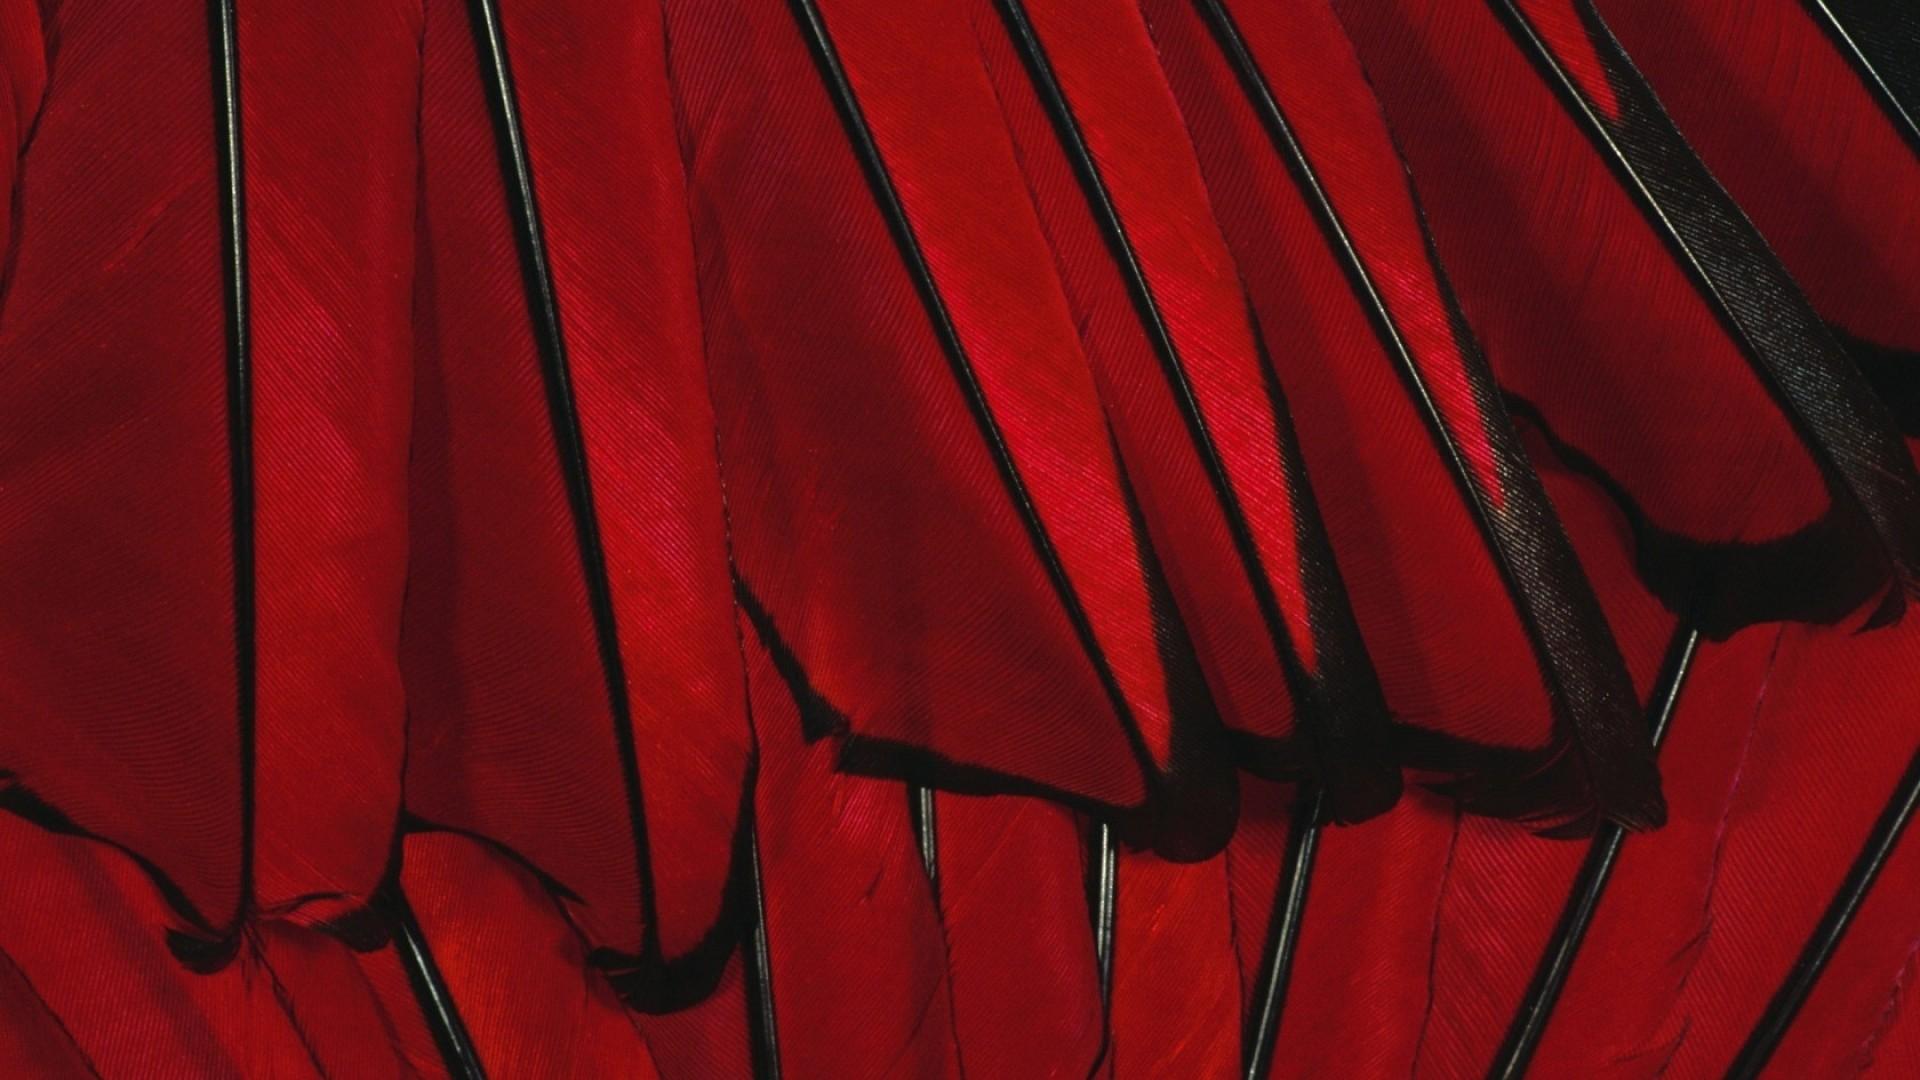 … Background Full HD 1080p. Wallpaper black, red, flower